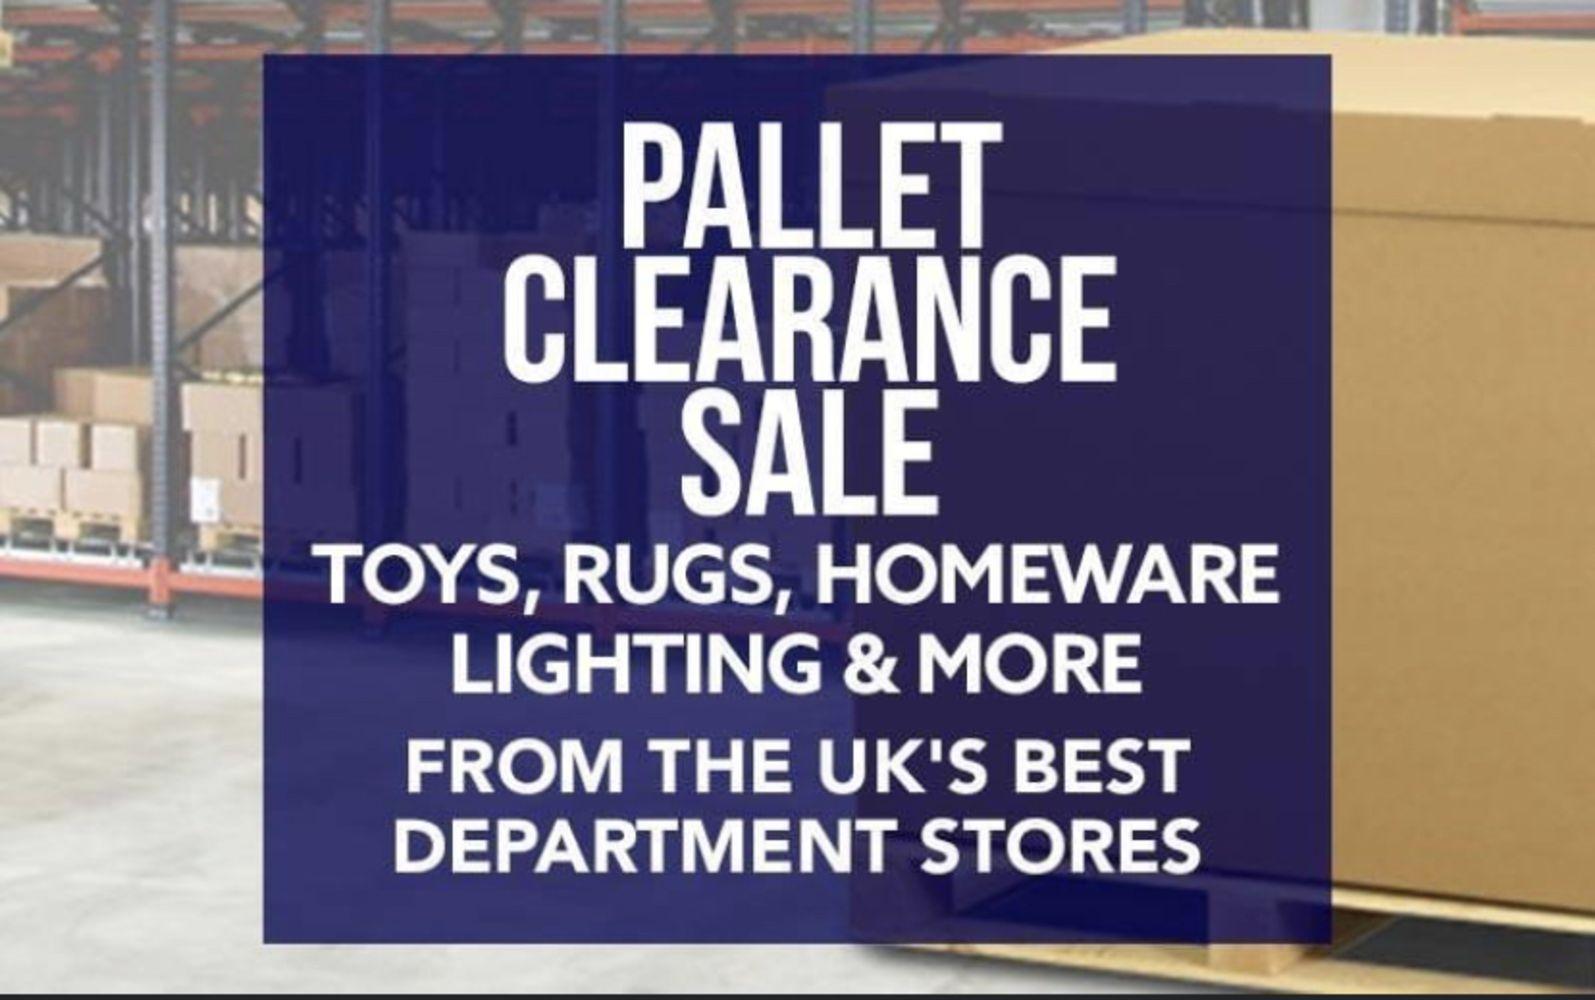 No Reserve - Pallet Clearance Sale! 1st April 2021